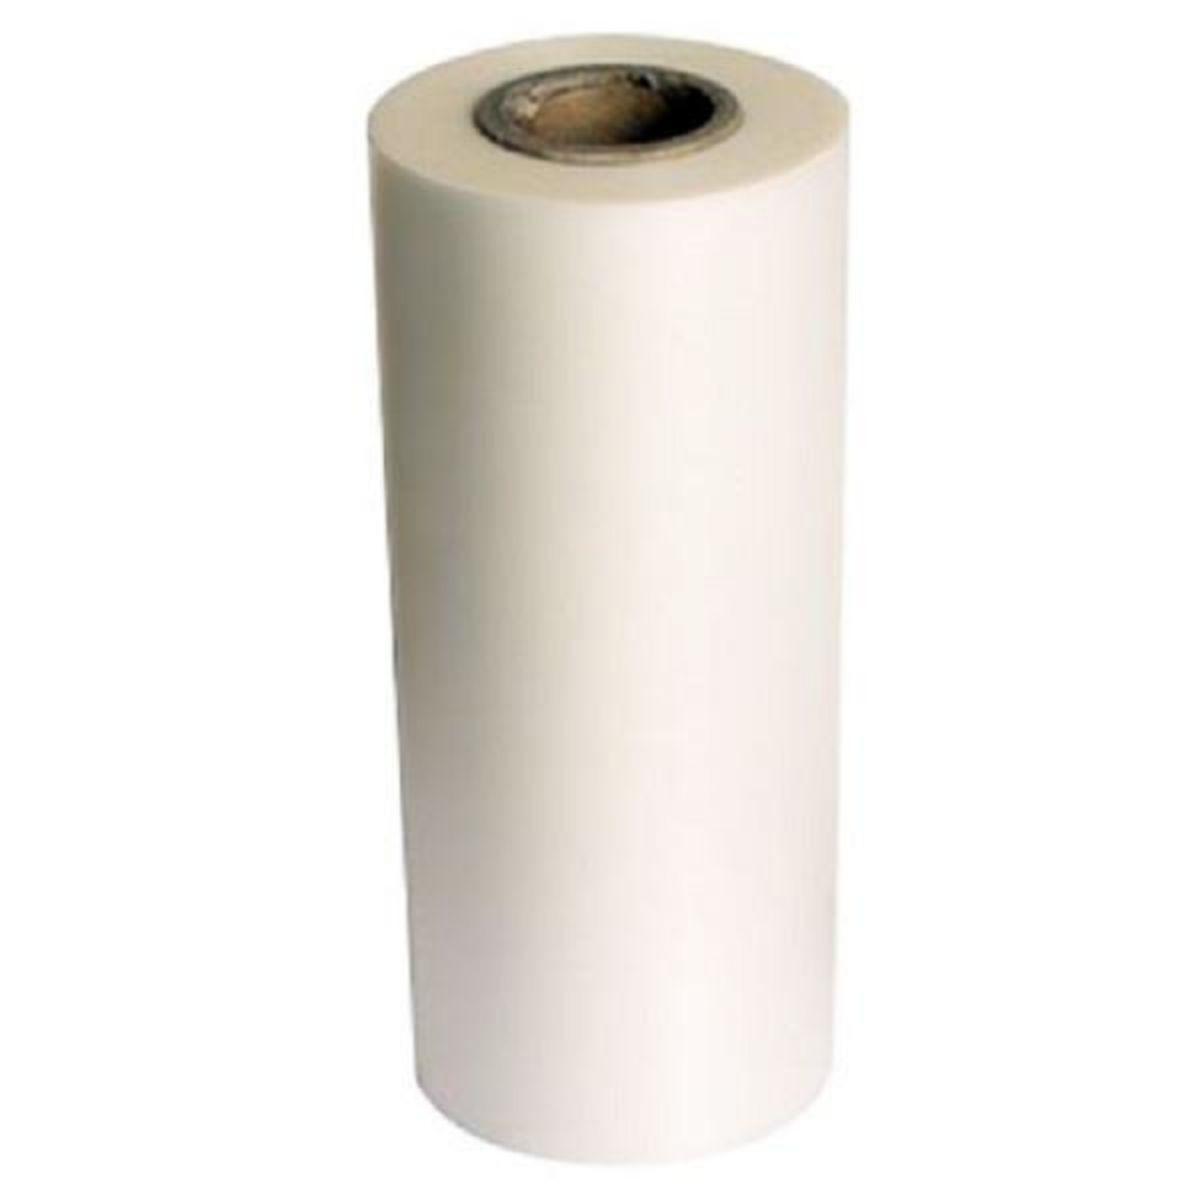 Bobina de BOPP para Laminação Fosco 24cm x 350M (30 micras)  - Click Suprimentos